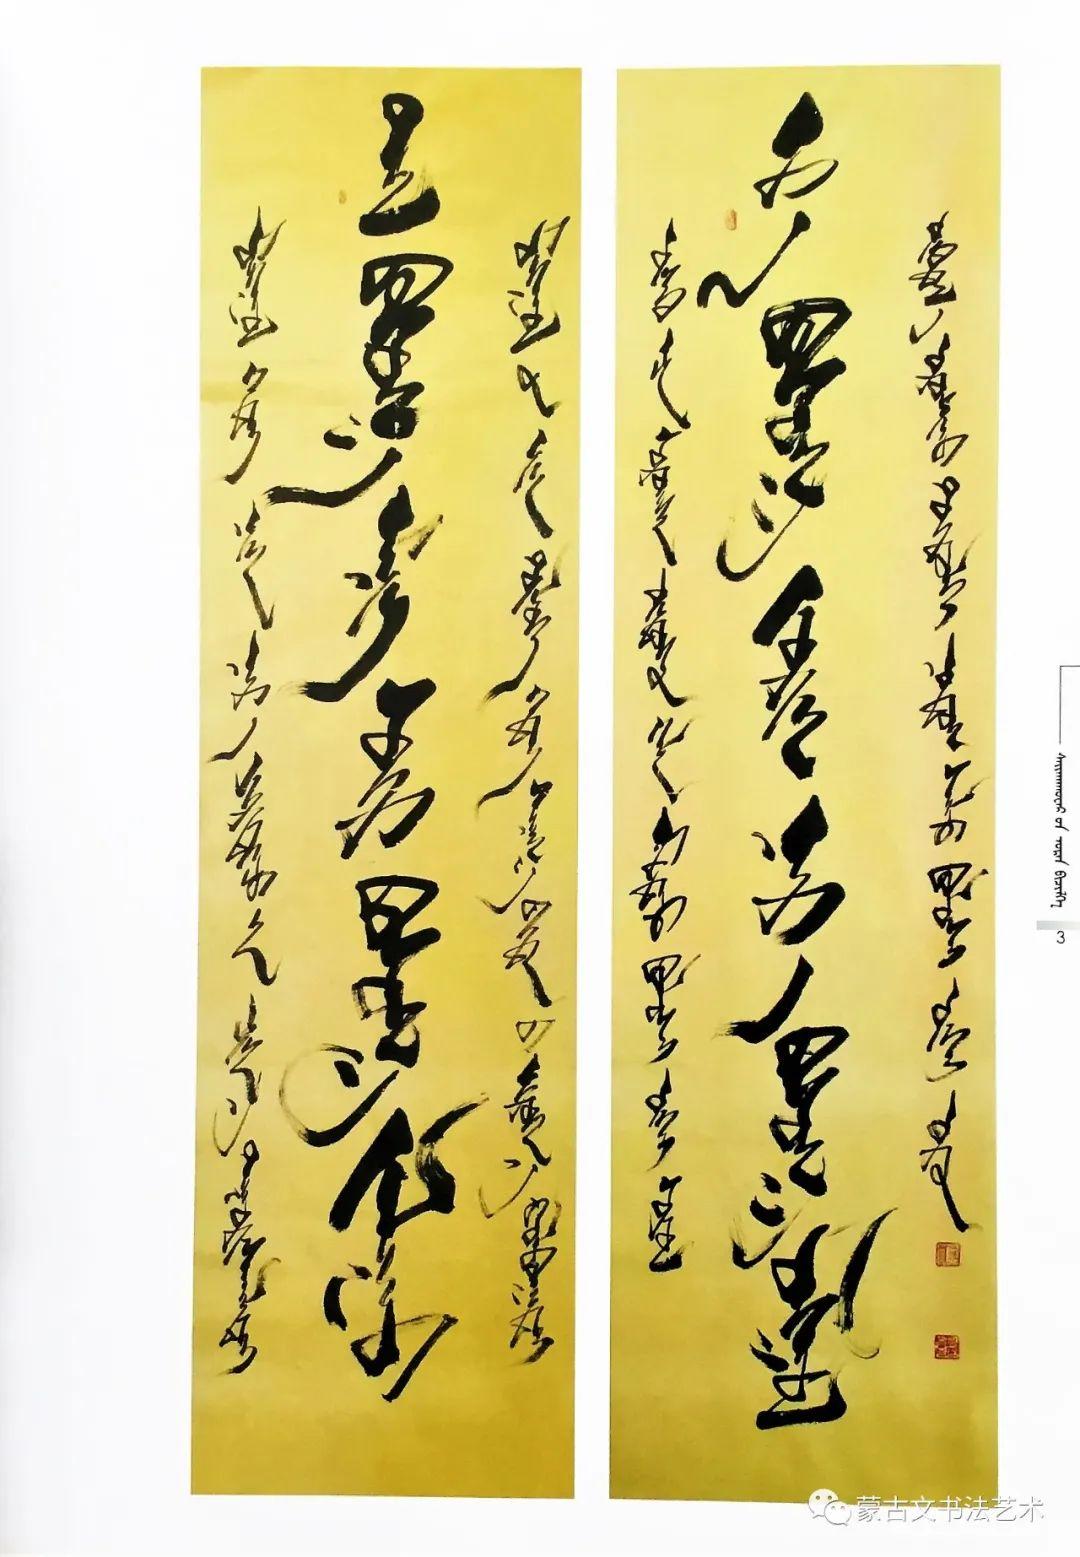 包赛音花《传奇奈曼-包赛音花蒙古文书法》 第7张